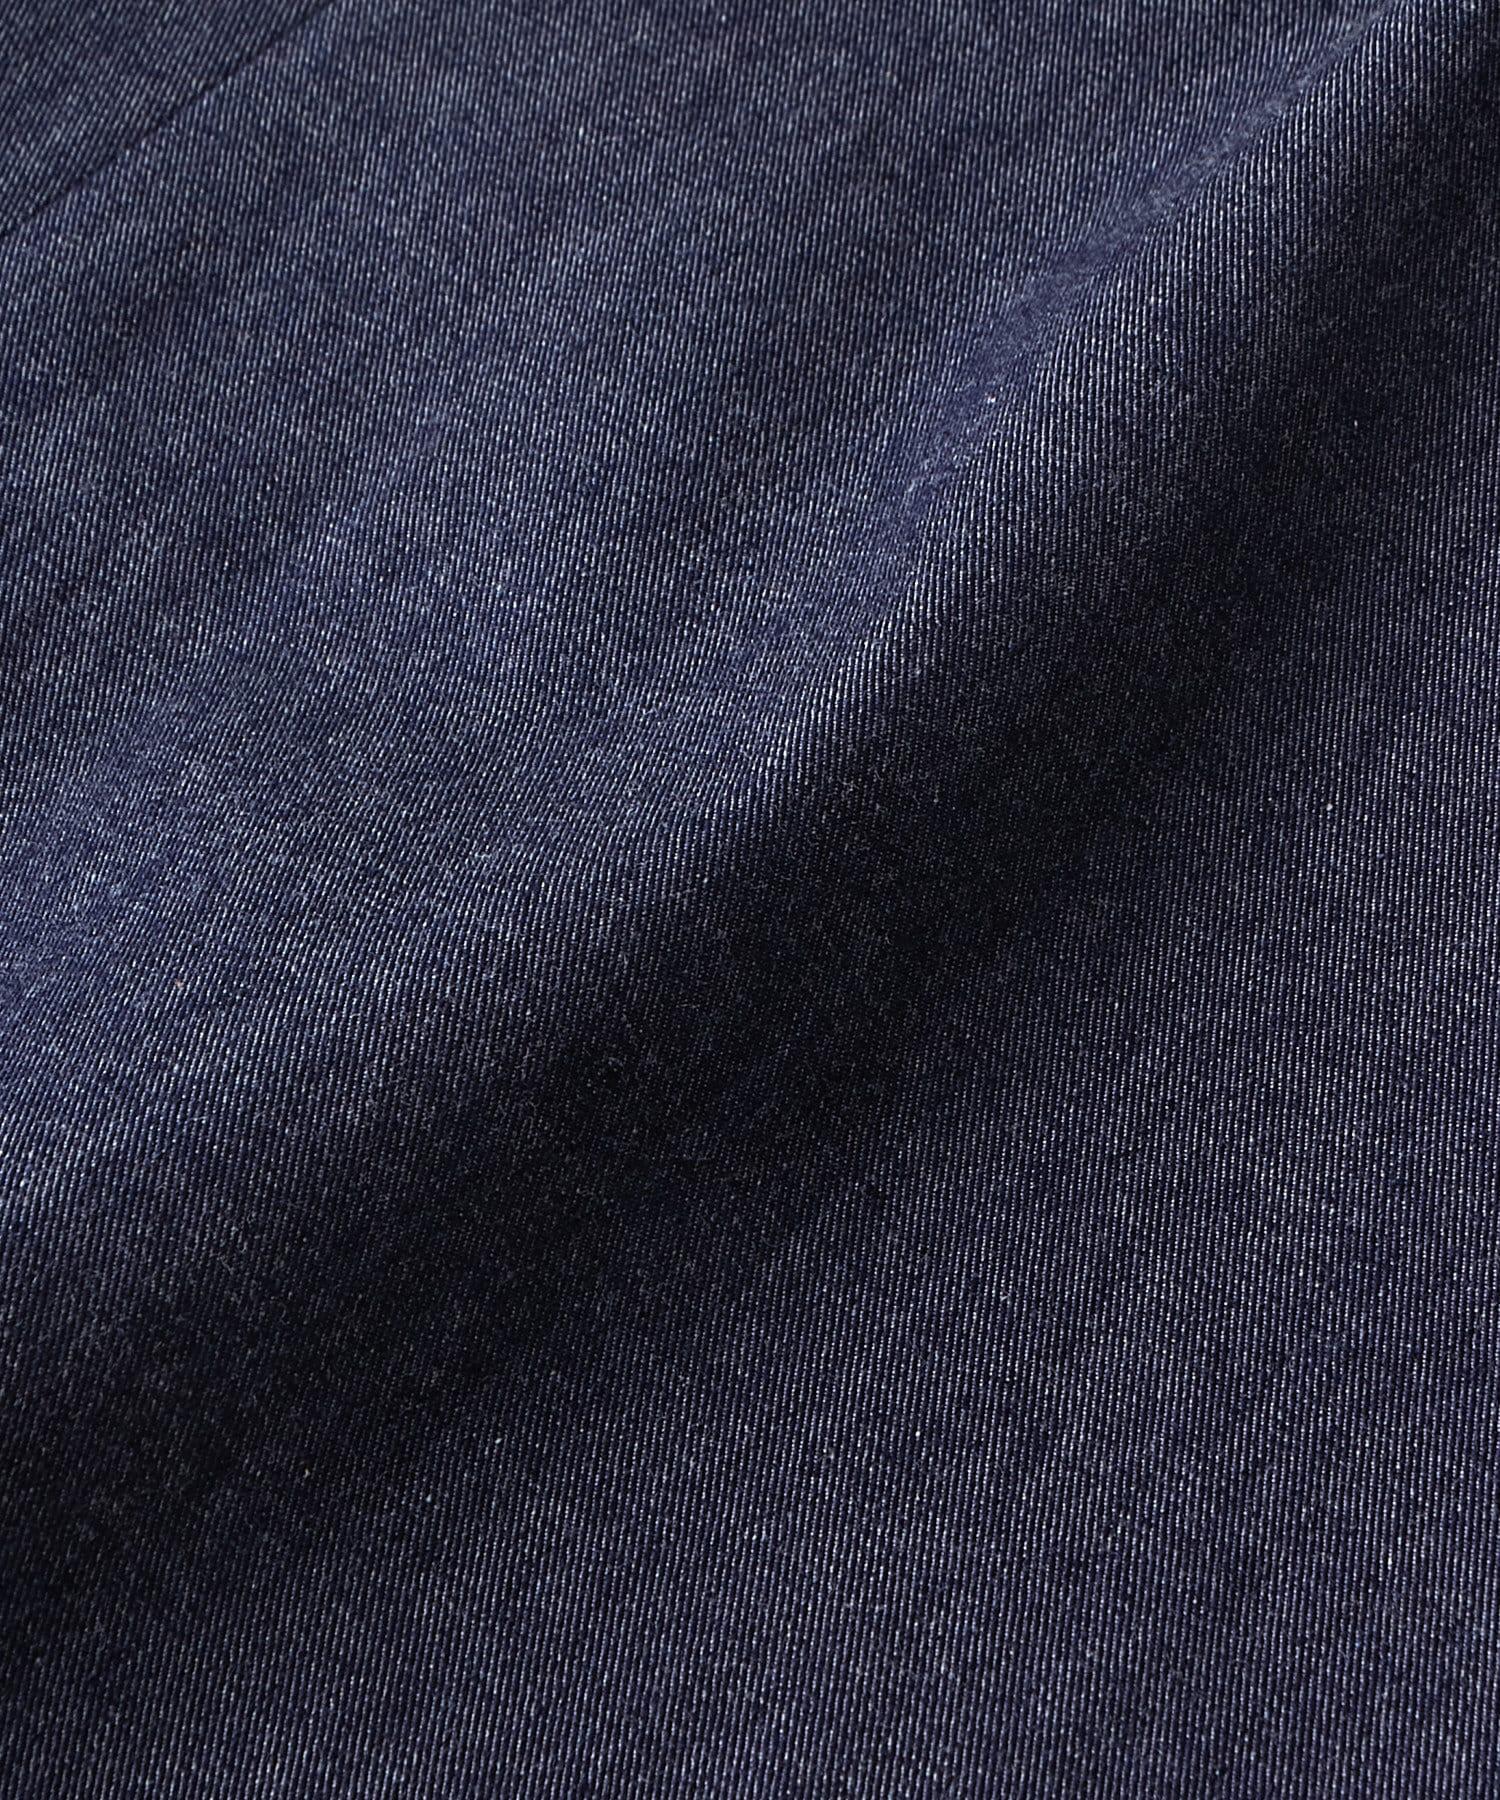 La boutique BonBon(ラブティックボンボン) 【COZスタイル・セットアップ可・洗える】デニムマキシマーメイドスカート